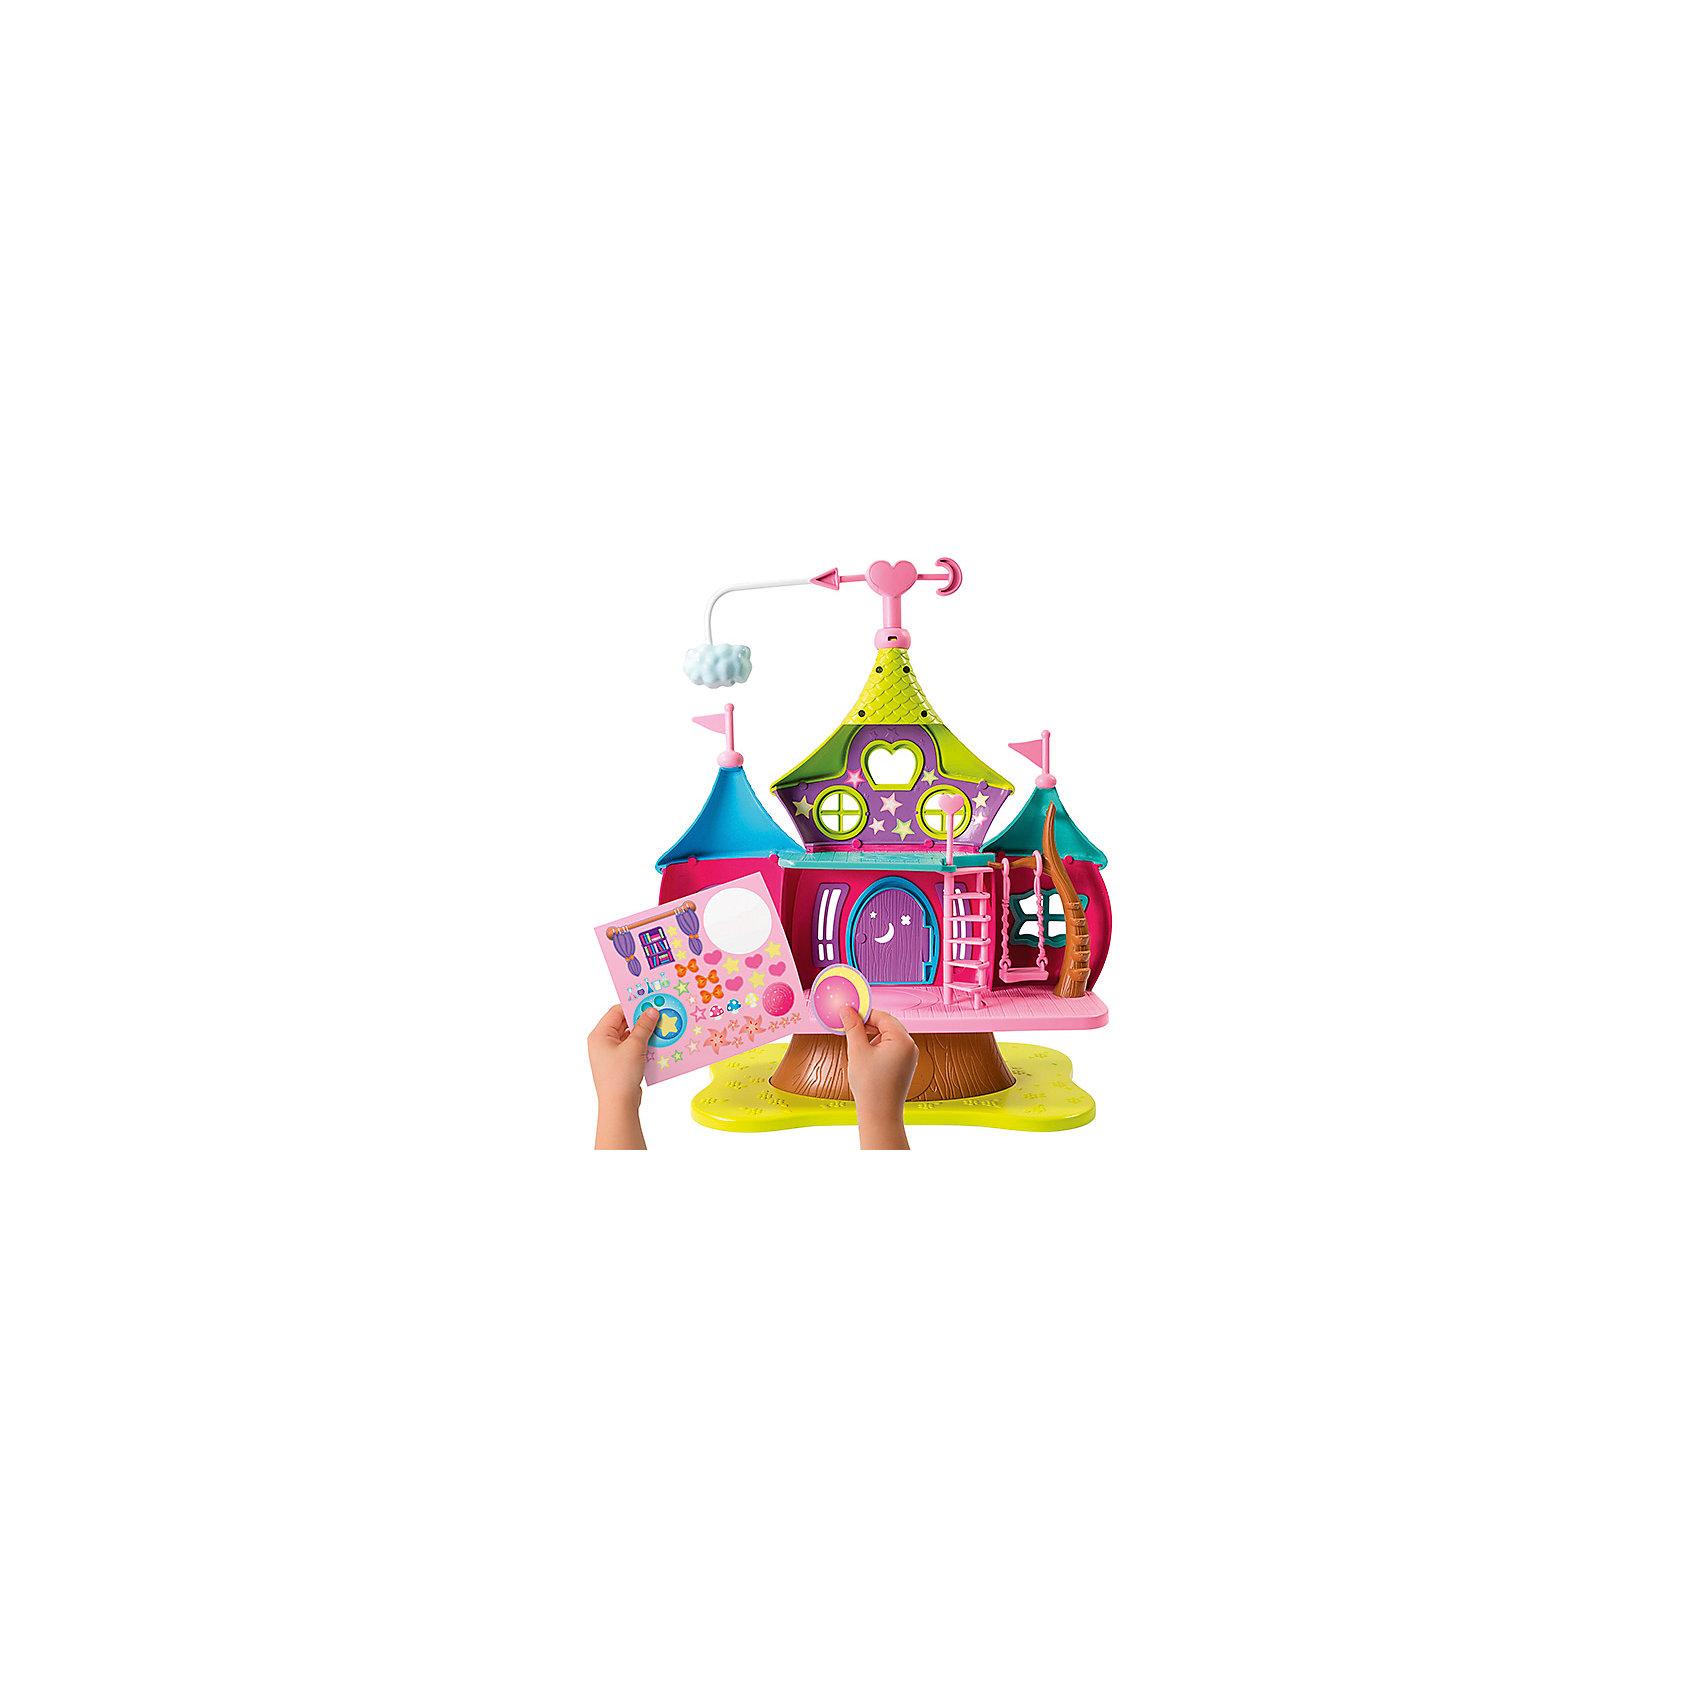 Дом волшебниц с фигуркой Хэйзл, м/ф Маленькие волшебницы, Spin MasterДомики для кукол<br>Новинка от всемирно известного производителя Spin Master - игрушка по мотивам мультфильма Маленькие волшебницы. Очаровательный кукольный домик выглядит ярко и очень эффектно. У него два этажа, есть лестница и подвесные качели. Также имеется котел, в котором варится волшебное зелье. В комплект также входит небольшая фигурка одной из главных героинь мультфильма - Хэйзл  (размер около 8 см, руки и ноги подвижны). Кроме того, в набор включен лист с наклейками, ими можно декорировать дом по своему усмотрению.<br><br>Ширина мм: 490<br>Глубина мм: 380<br>Высота мм: 130<br>Вес г: 1775<br>Возраст от месяцев: 36<br>Возраст до месяцев: 120<br>Пол: Женский<br>Возраст: Детский<br>SKU: 4967269